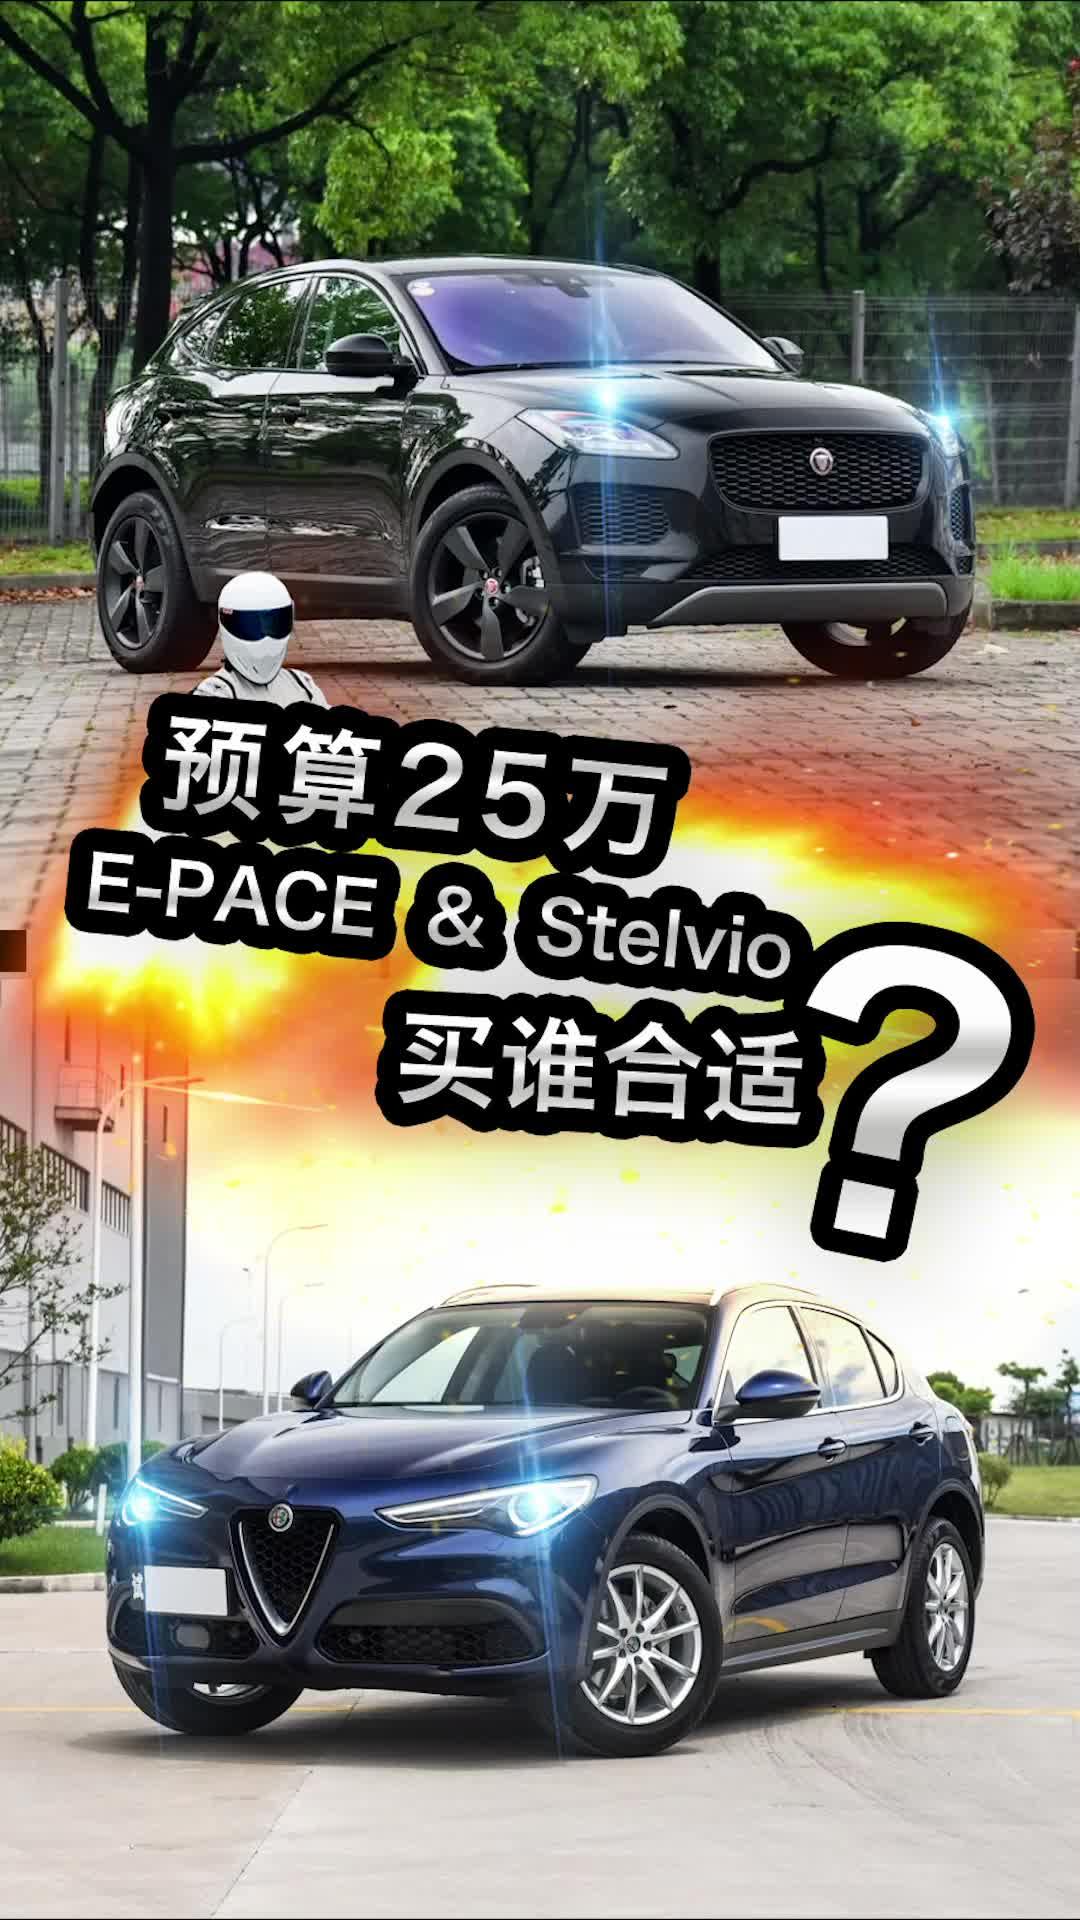 预算25万 E-PACE和Stelvio 买谁合适?